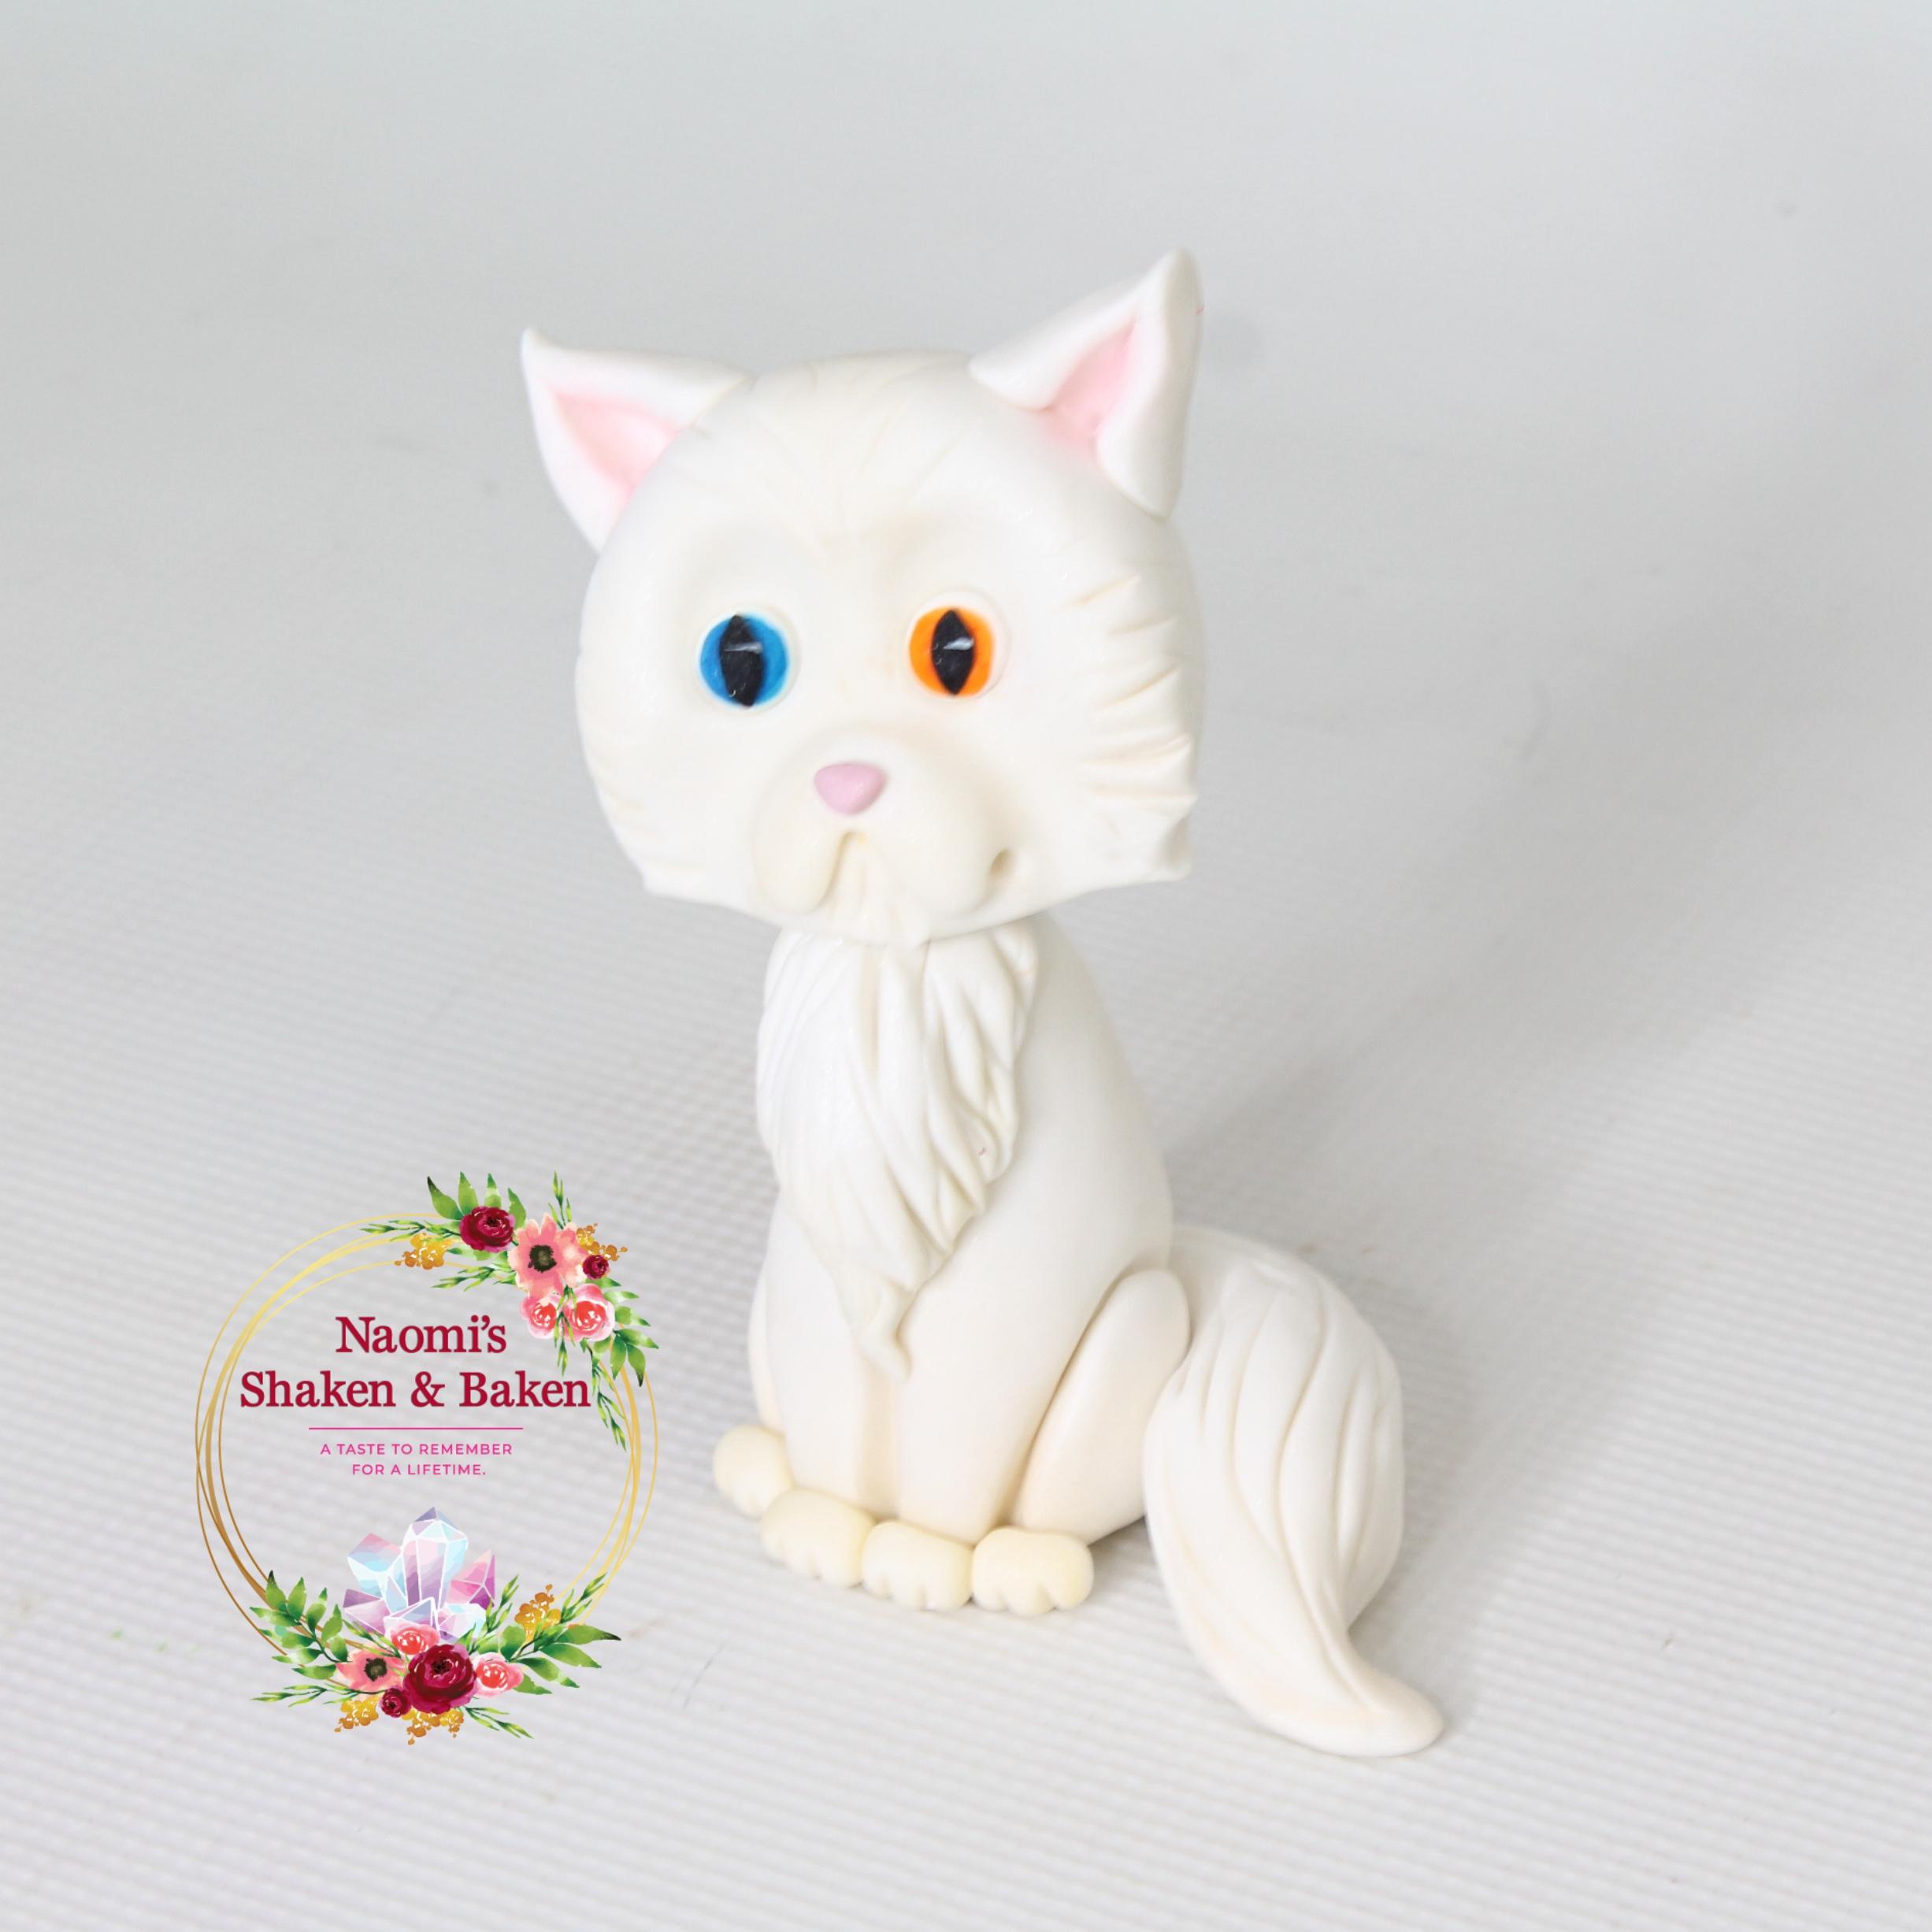 3D Handmade Edible Fondant Cat